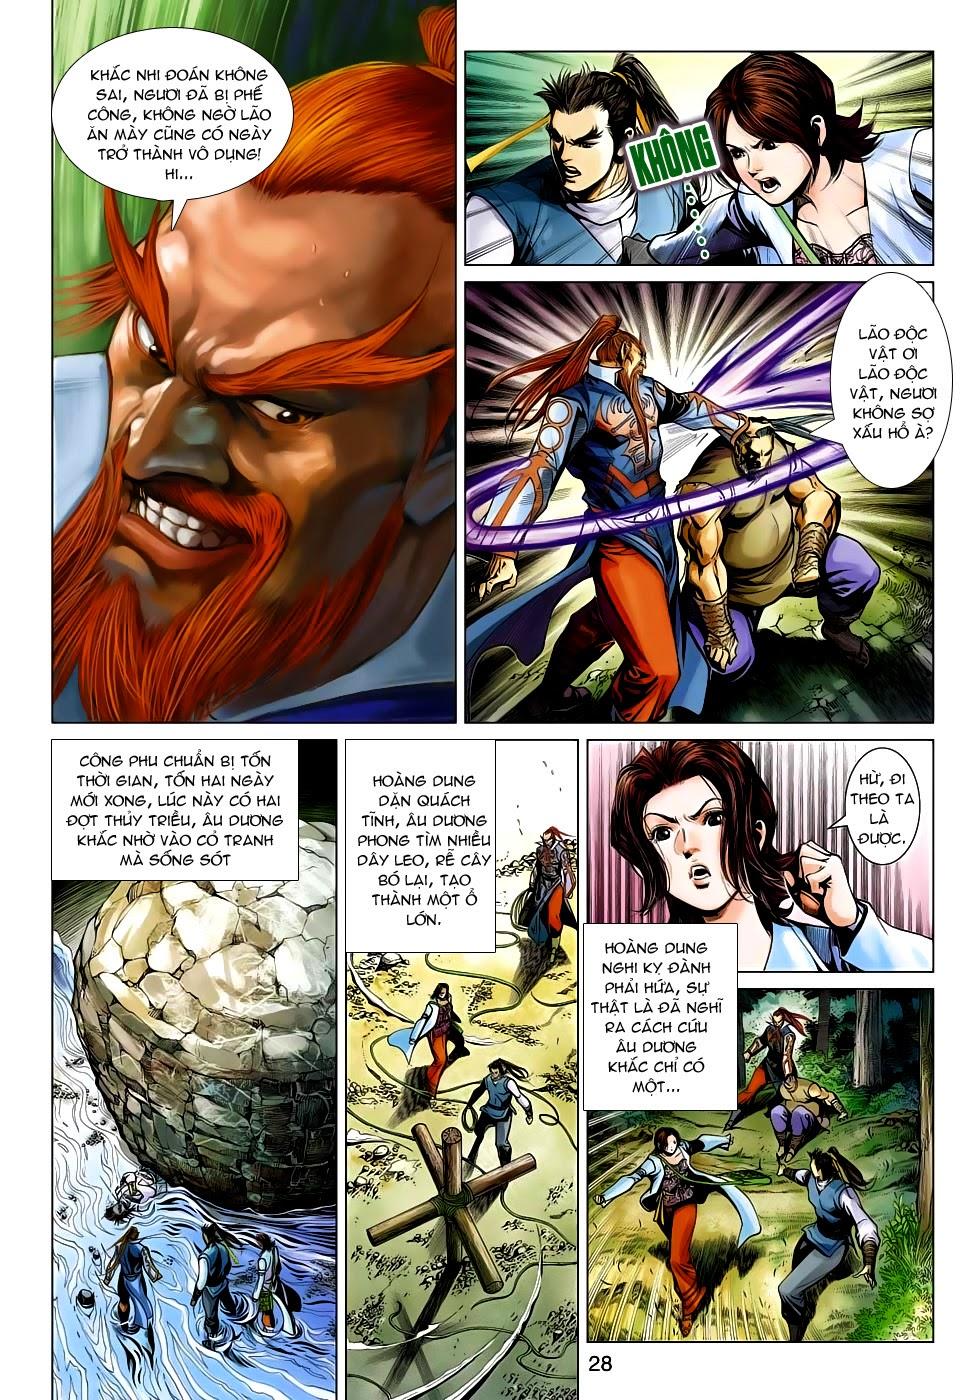 Anh Hùng Xạ Điêu anh hùng xạ đêu chap 54: kiếp hậu dư sinh thiến nữ kỳ mưu trang 28